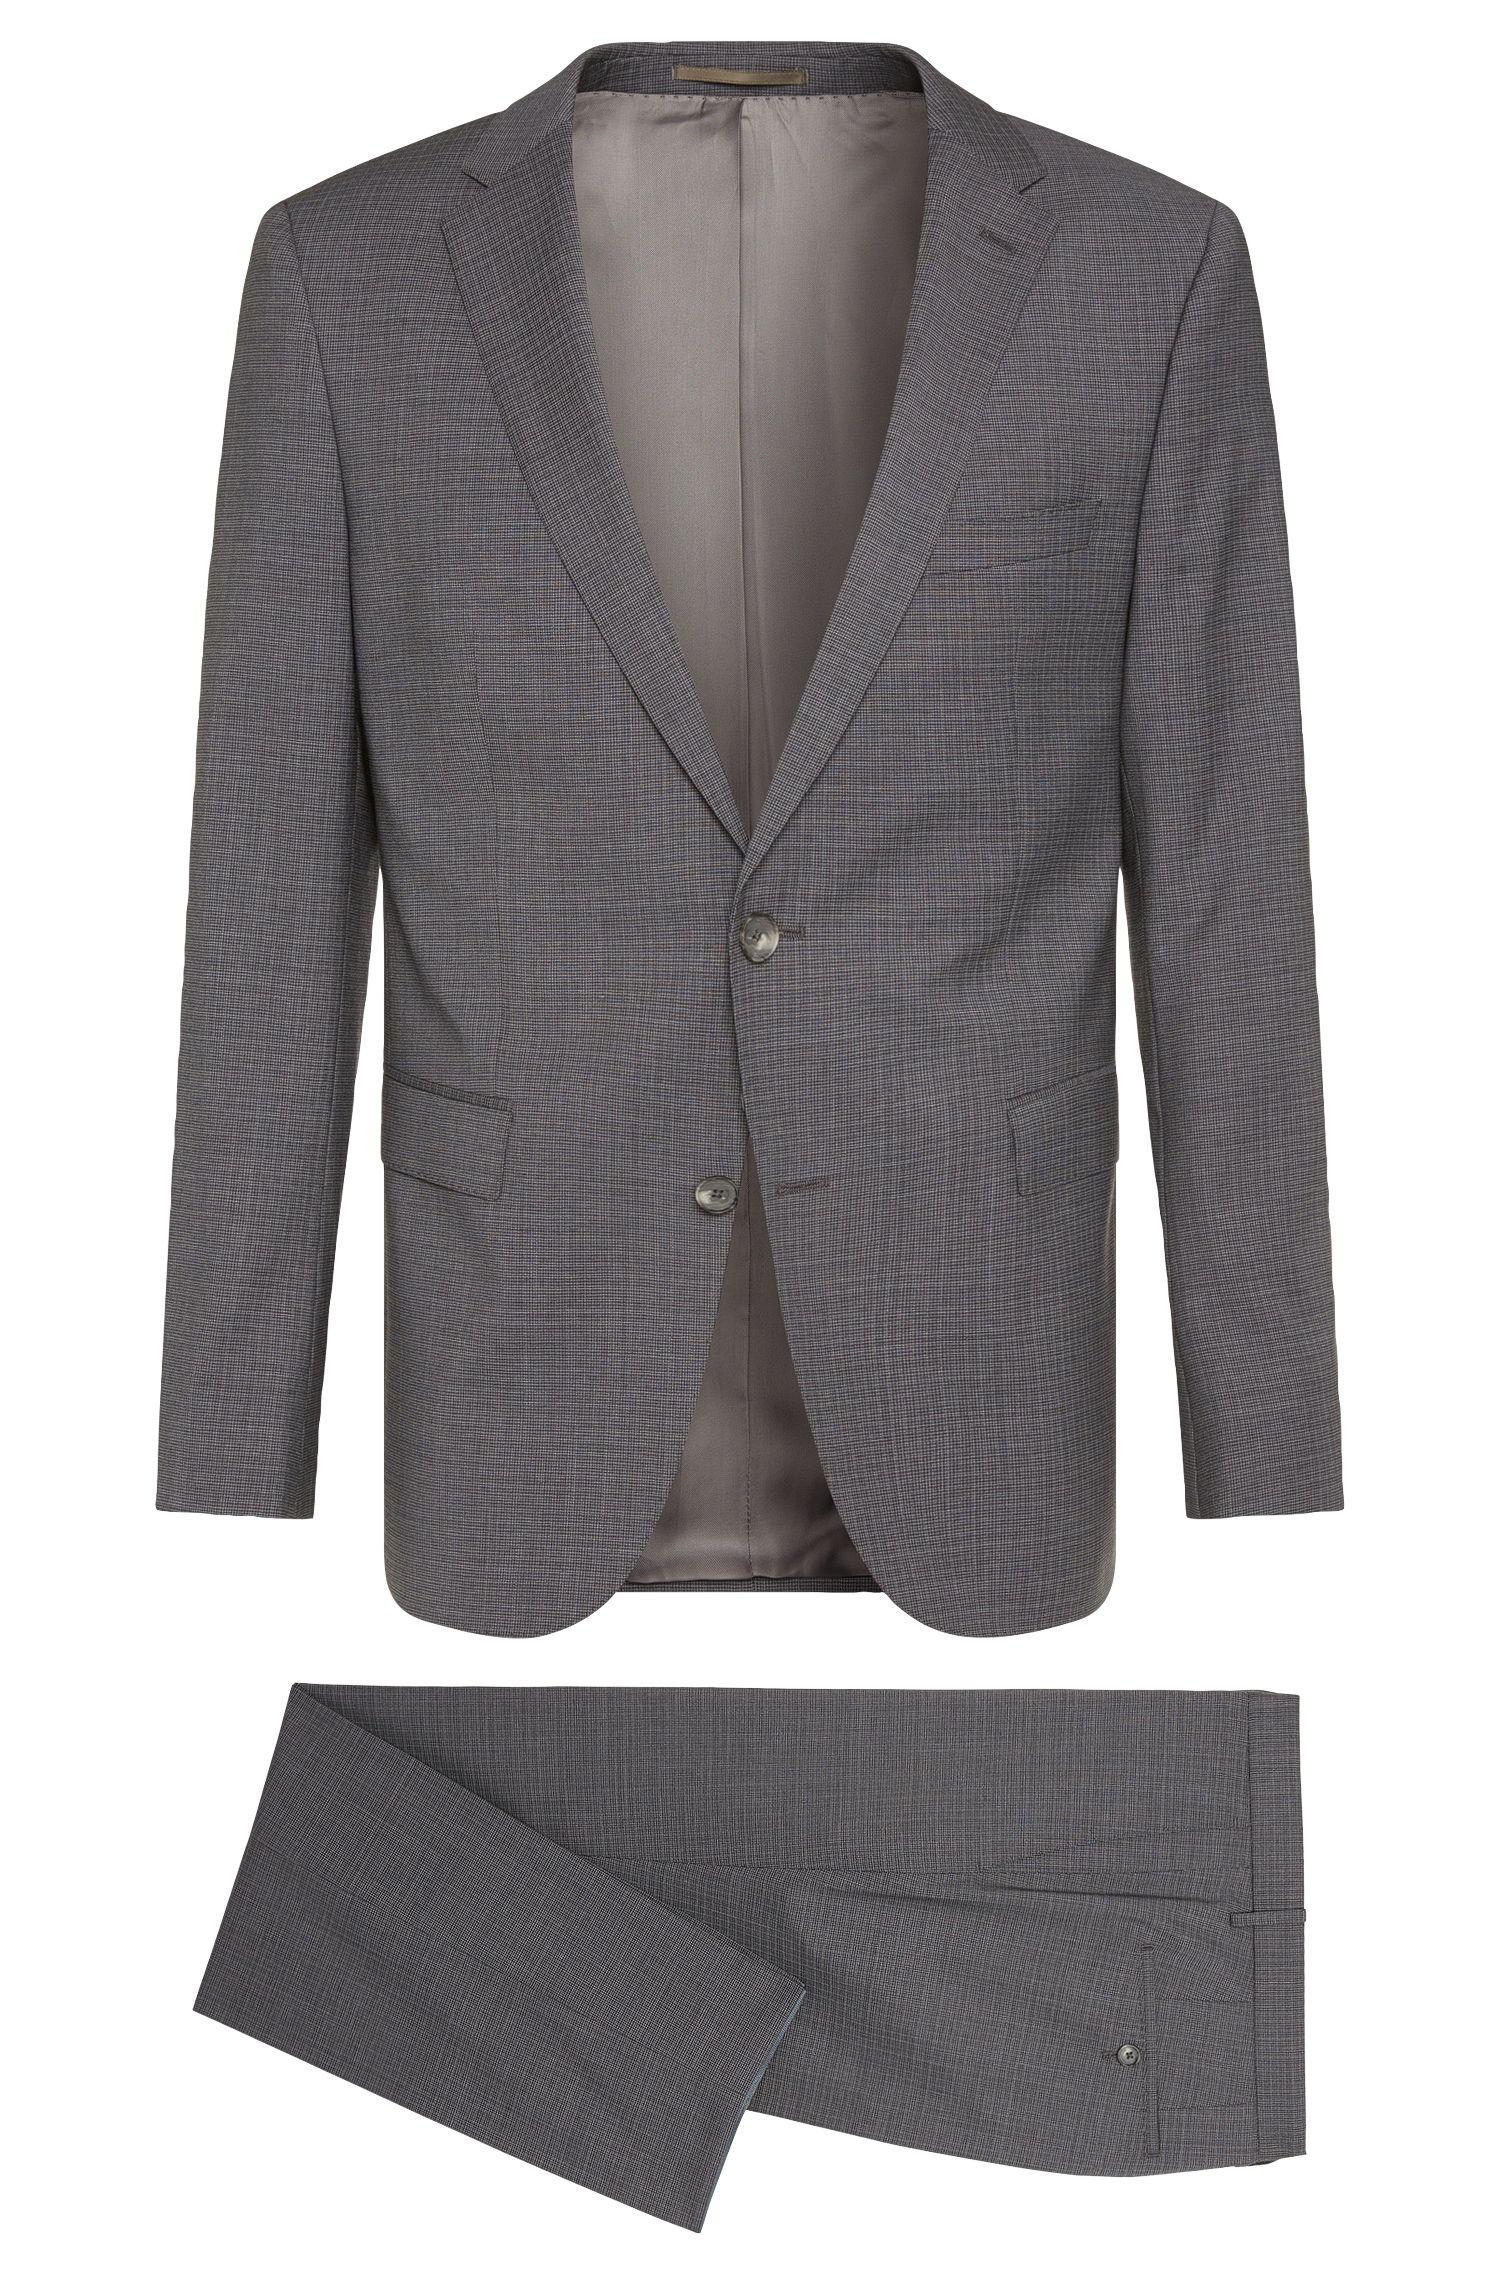 Crosshatch Super 120 Italian Virgin Wool Suit, Slim Fit | Novan/Ben